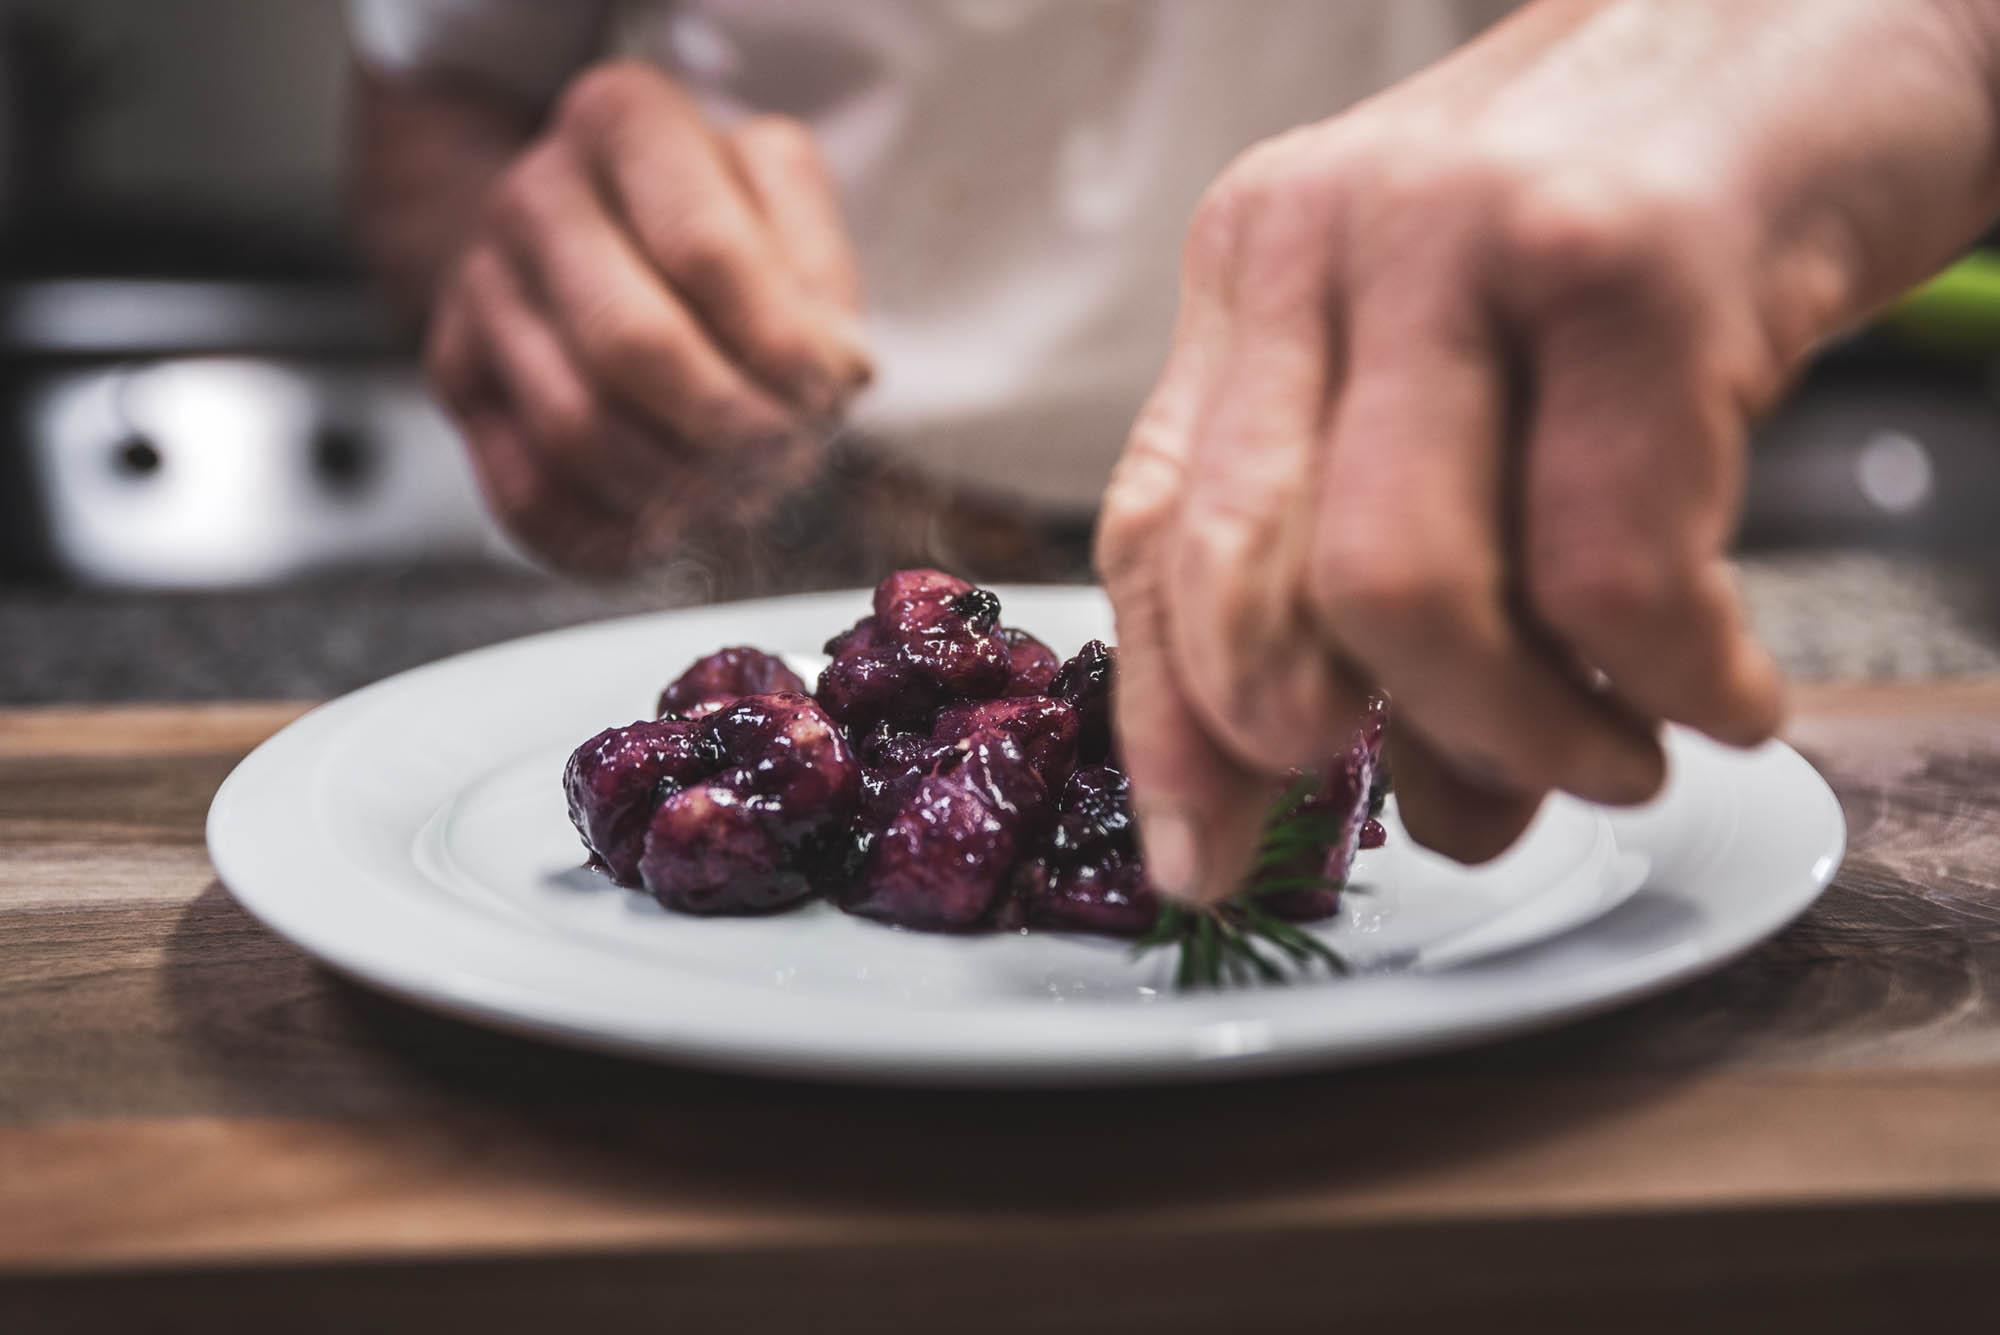 La cucina semplice e genuina al ristorante dell'Agritur Dalaip dei Pape